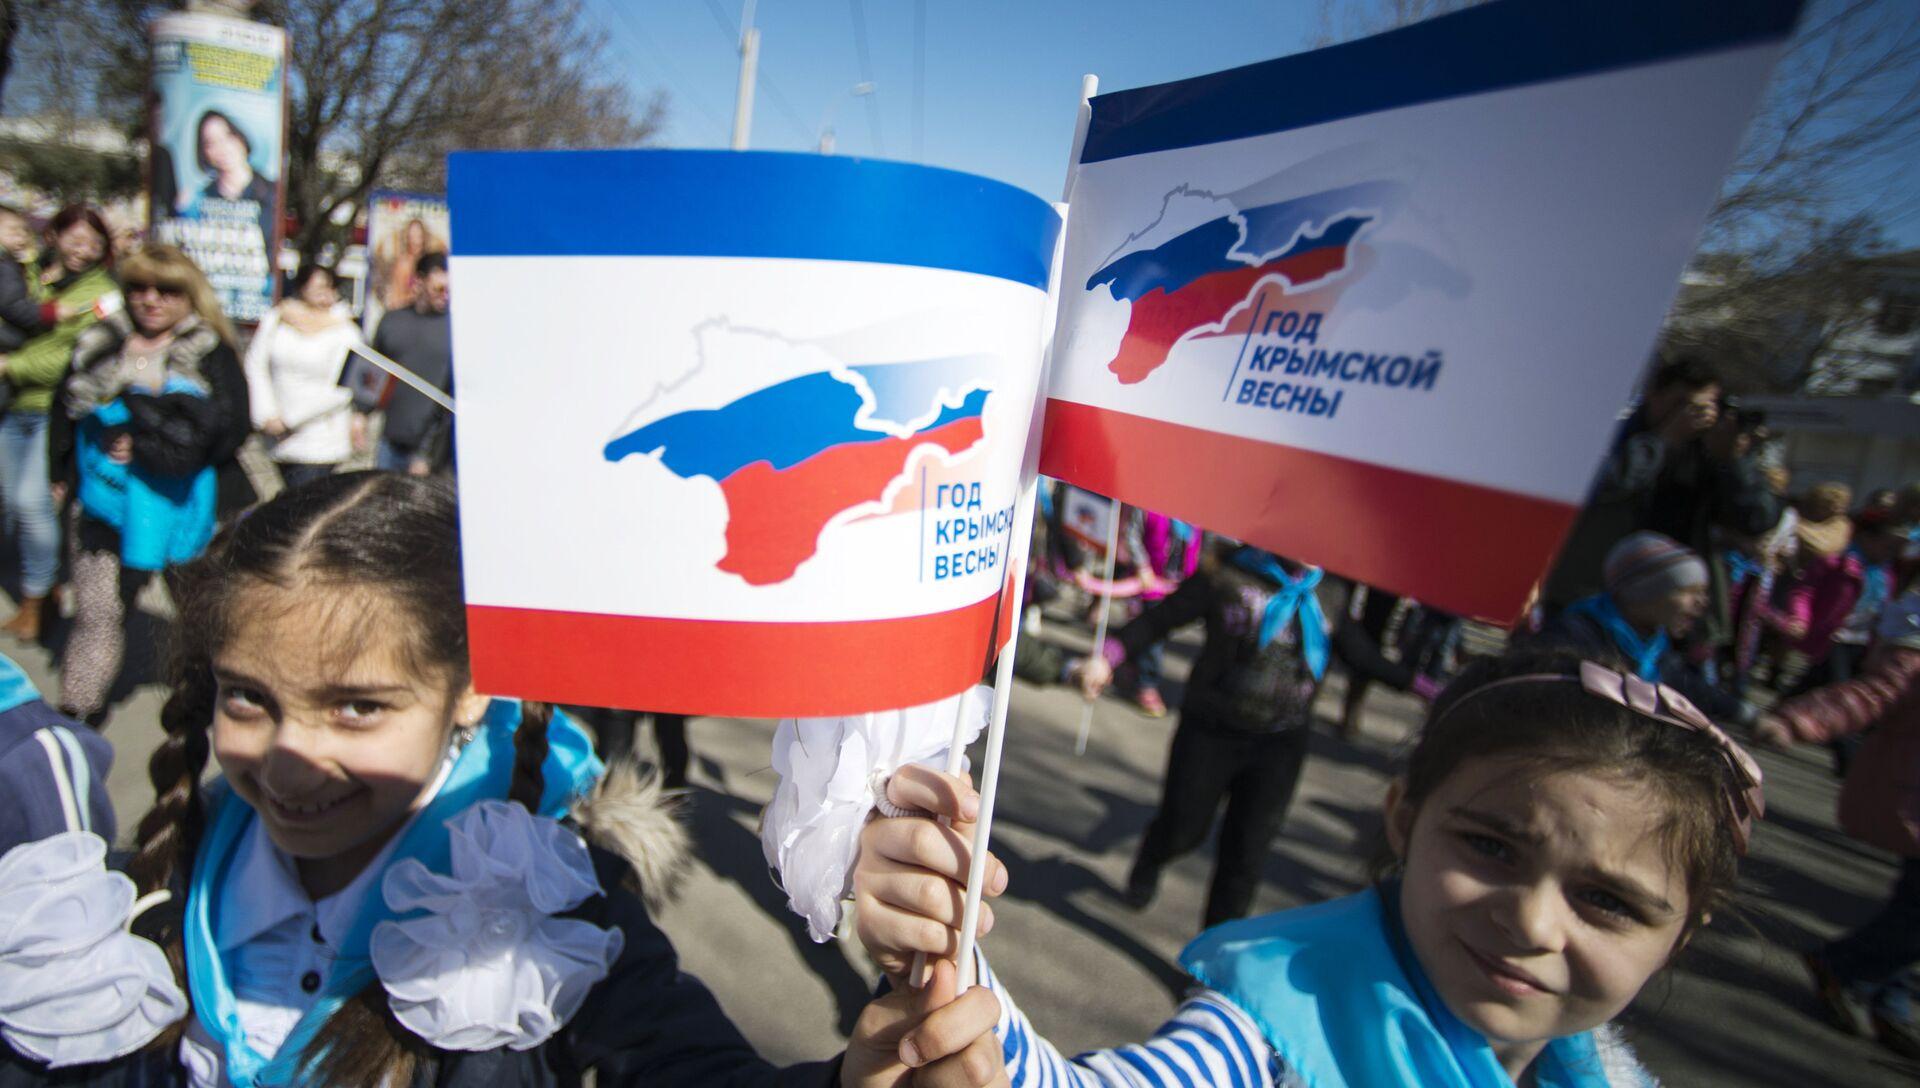 Празднование годовщины Крымской весны в Симферополе - РИА Новости, 1920, 26.03.2015